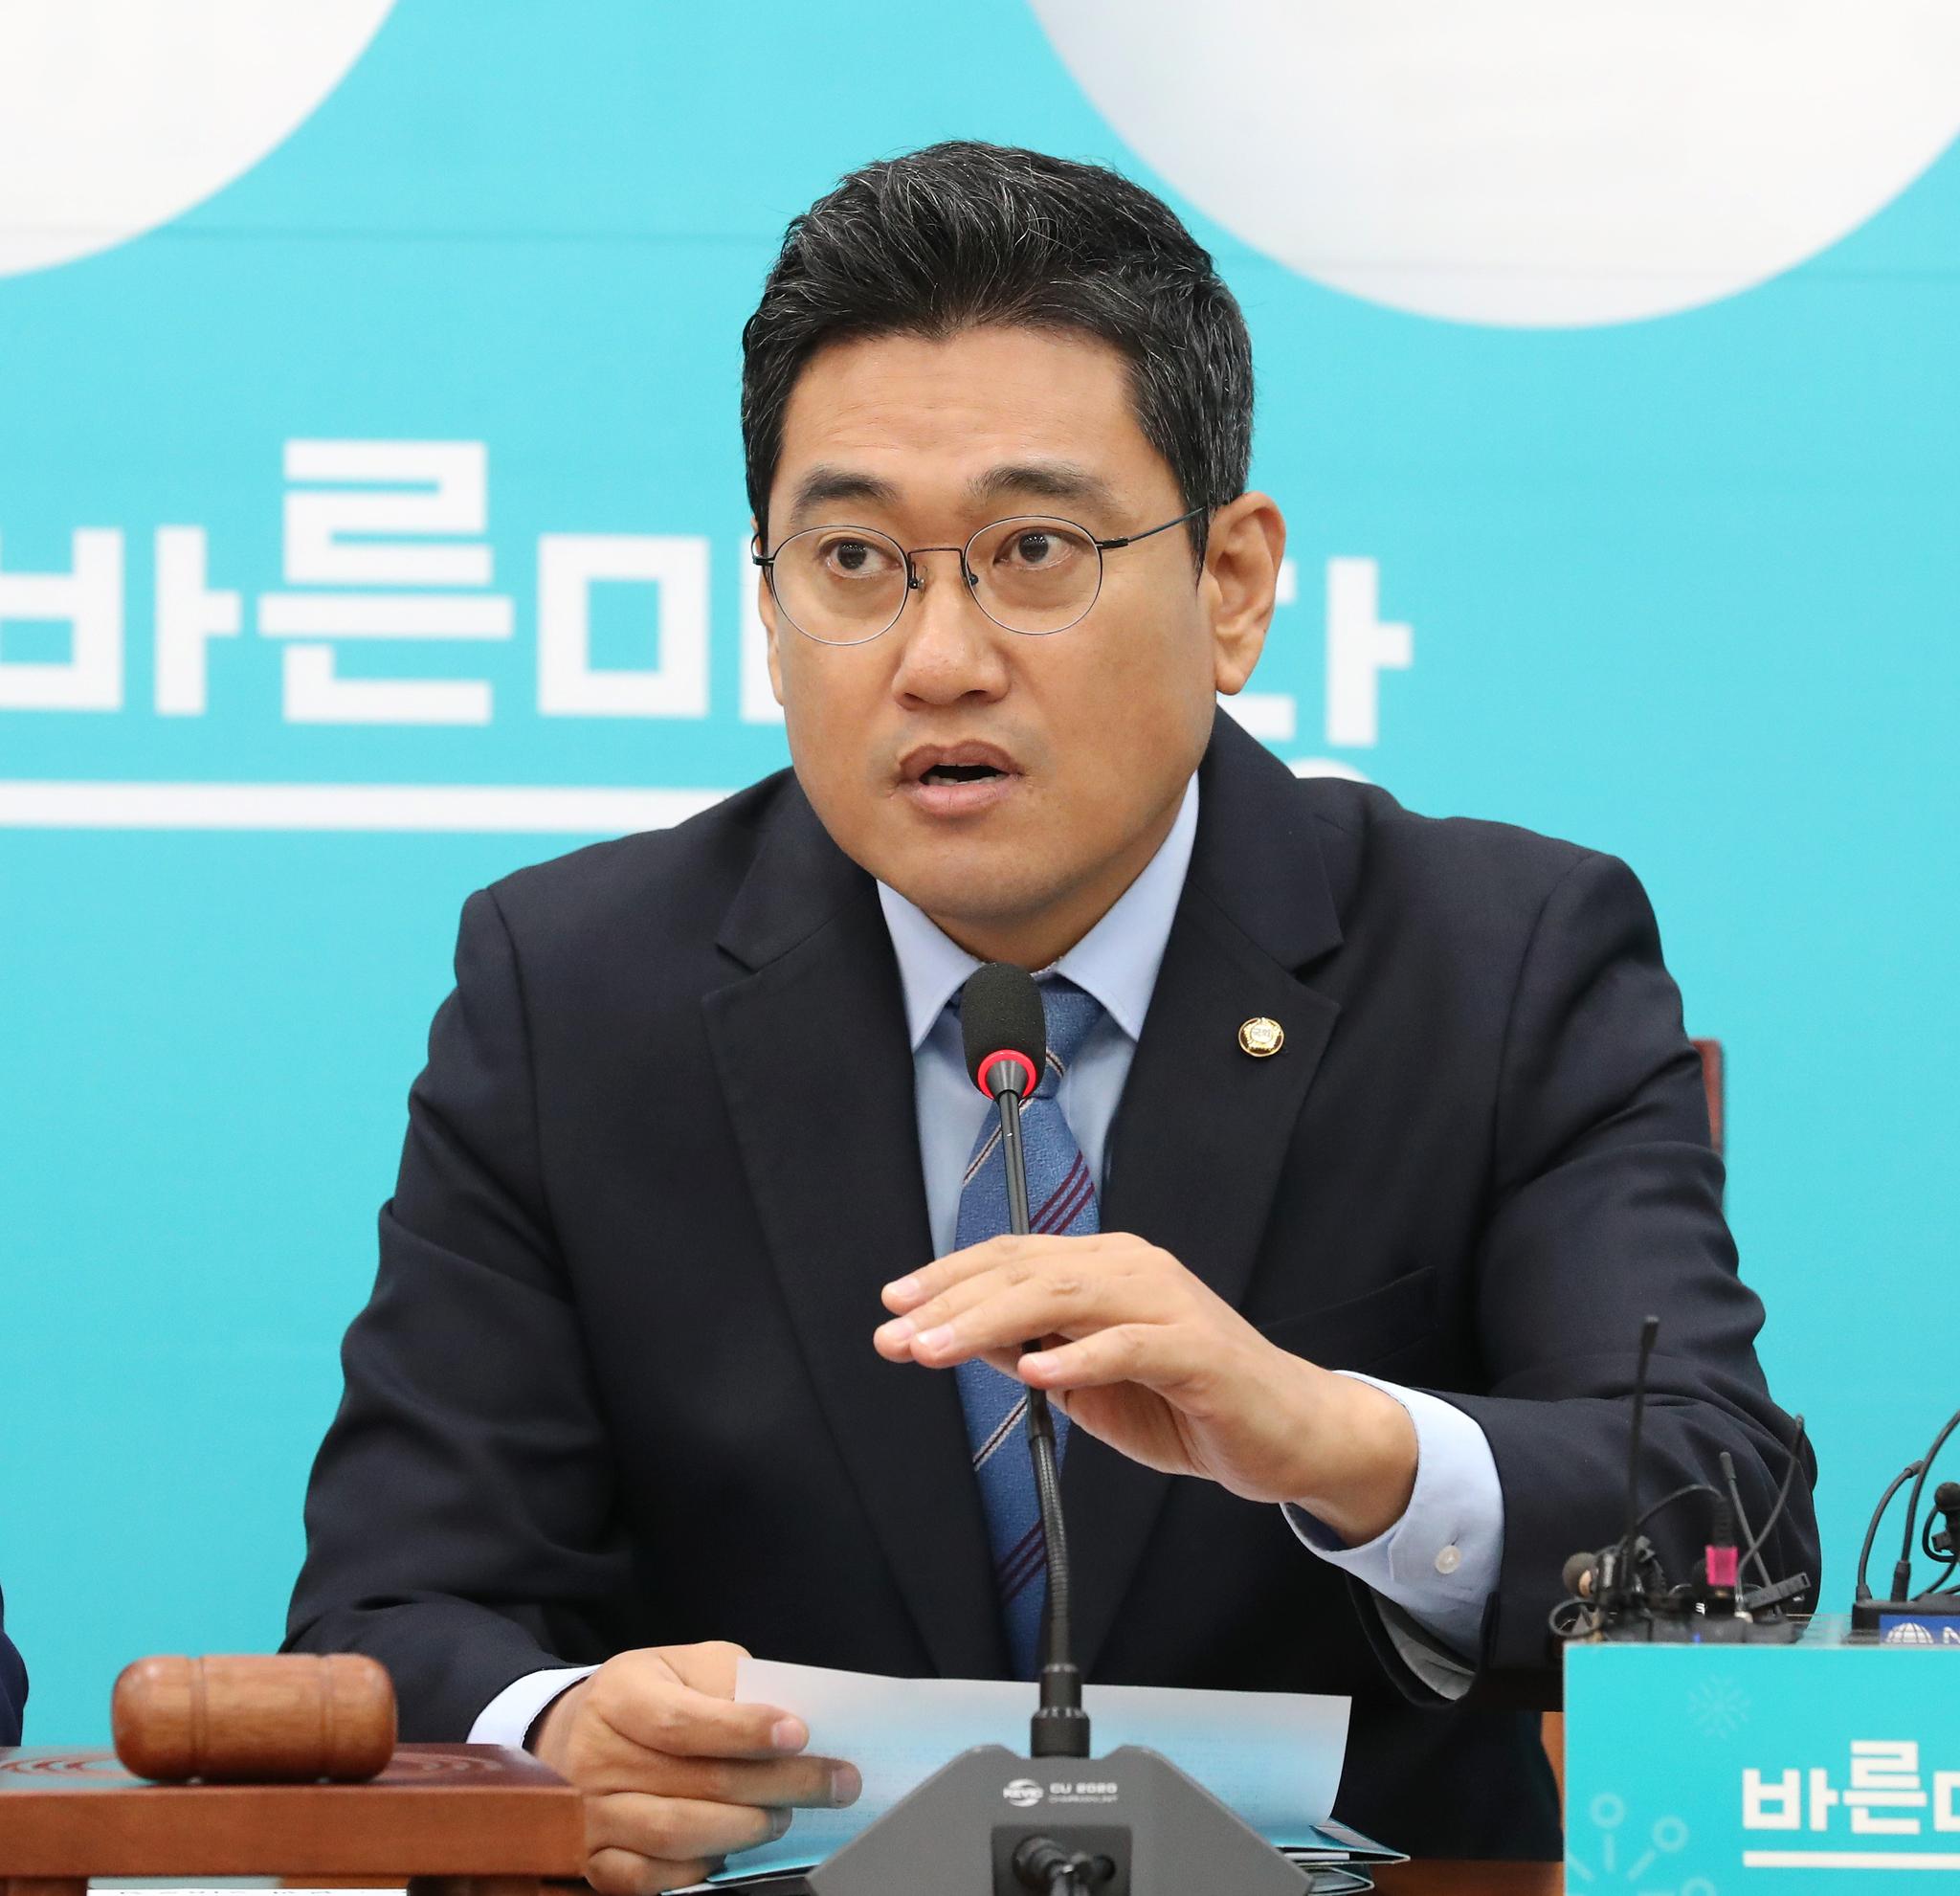 바른미래당 오신환 원내대표가 22일 오전 국회에서 열린 원내대책회의에서 발언하고 있다. [연합뉴스]